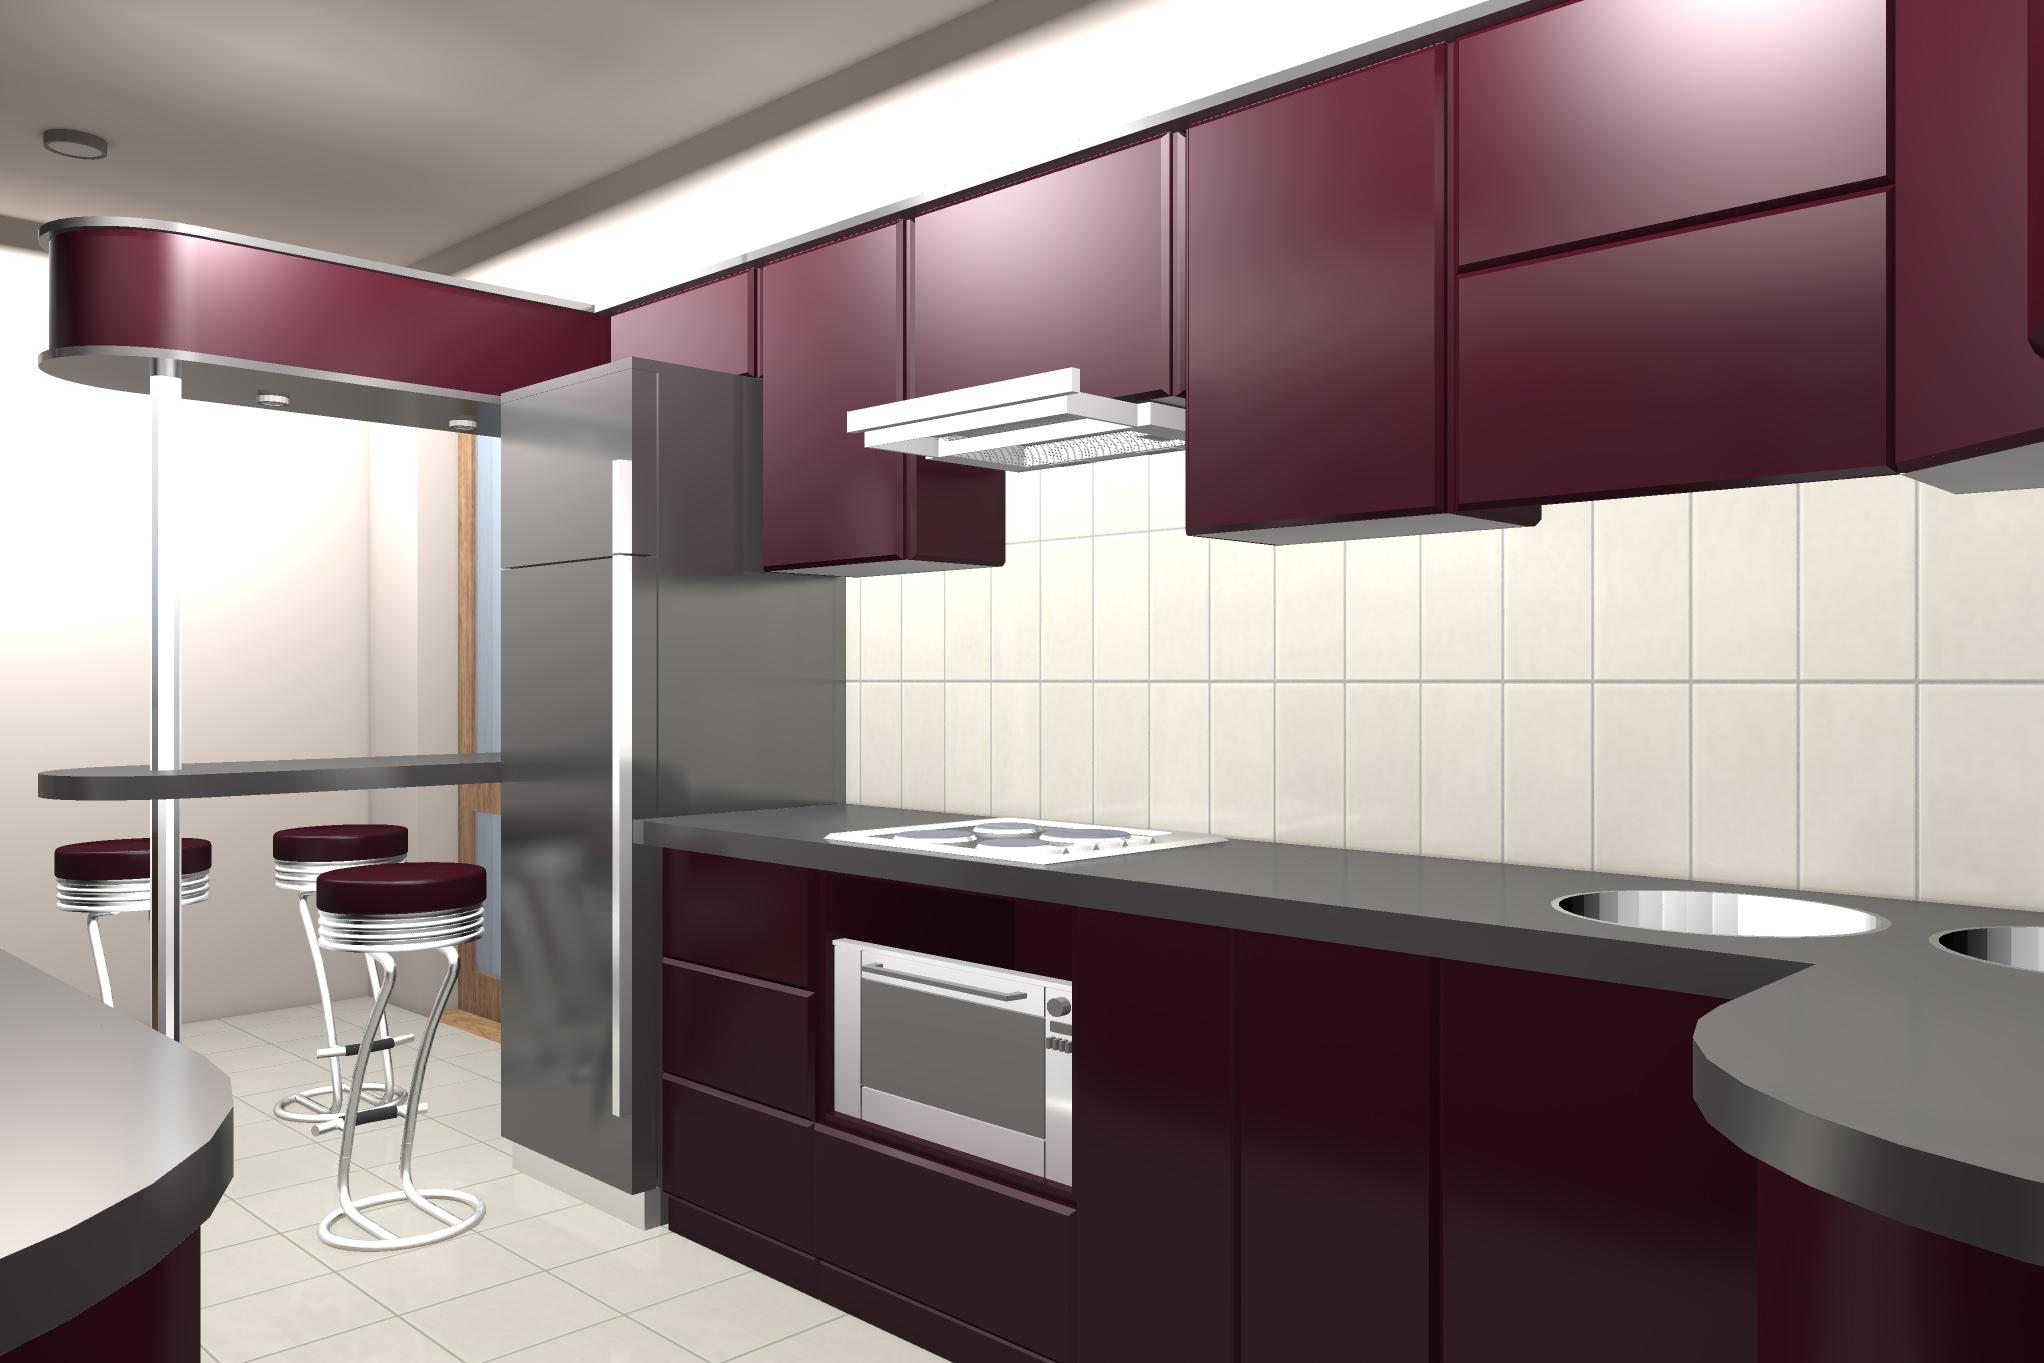 Проект мебелировки гостинного и кухни - 4